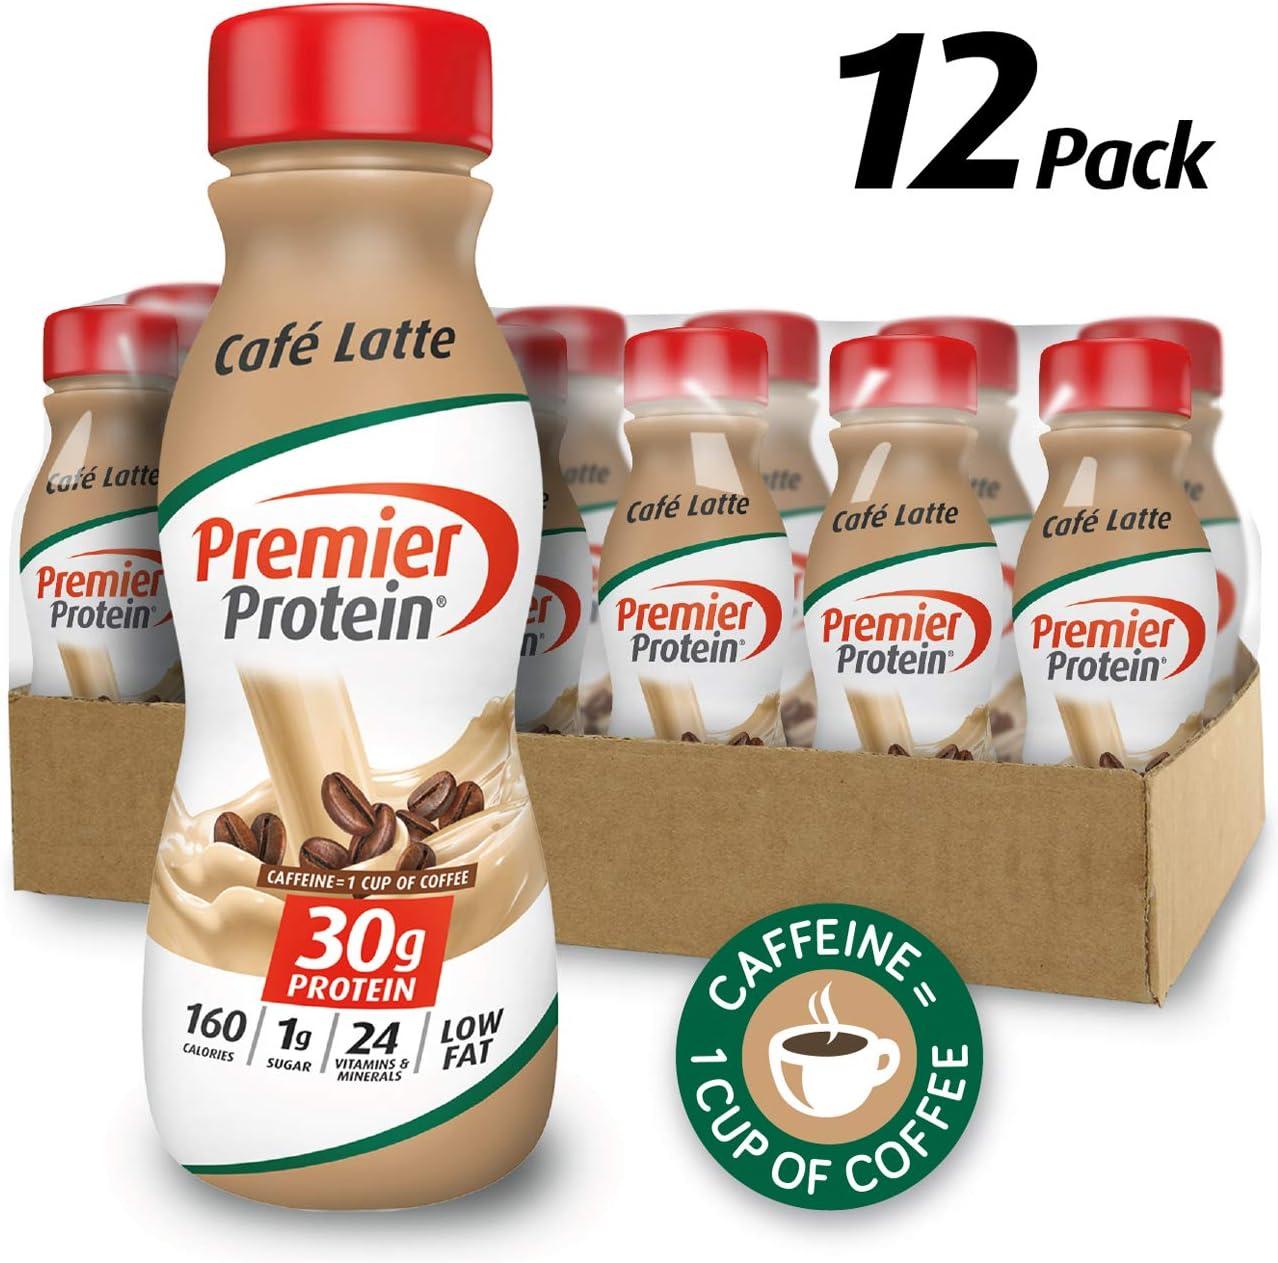 Premier Protein 30g Protein Shake, Cafe Latte, 11.5 Fl Oz, Pack of 12, Café Latte